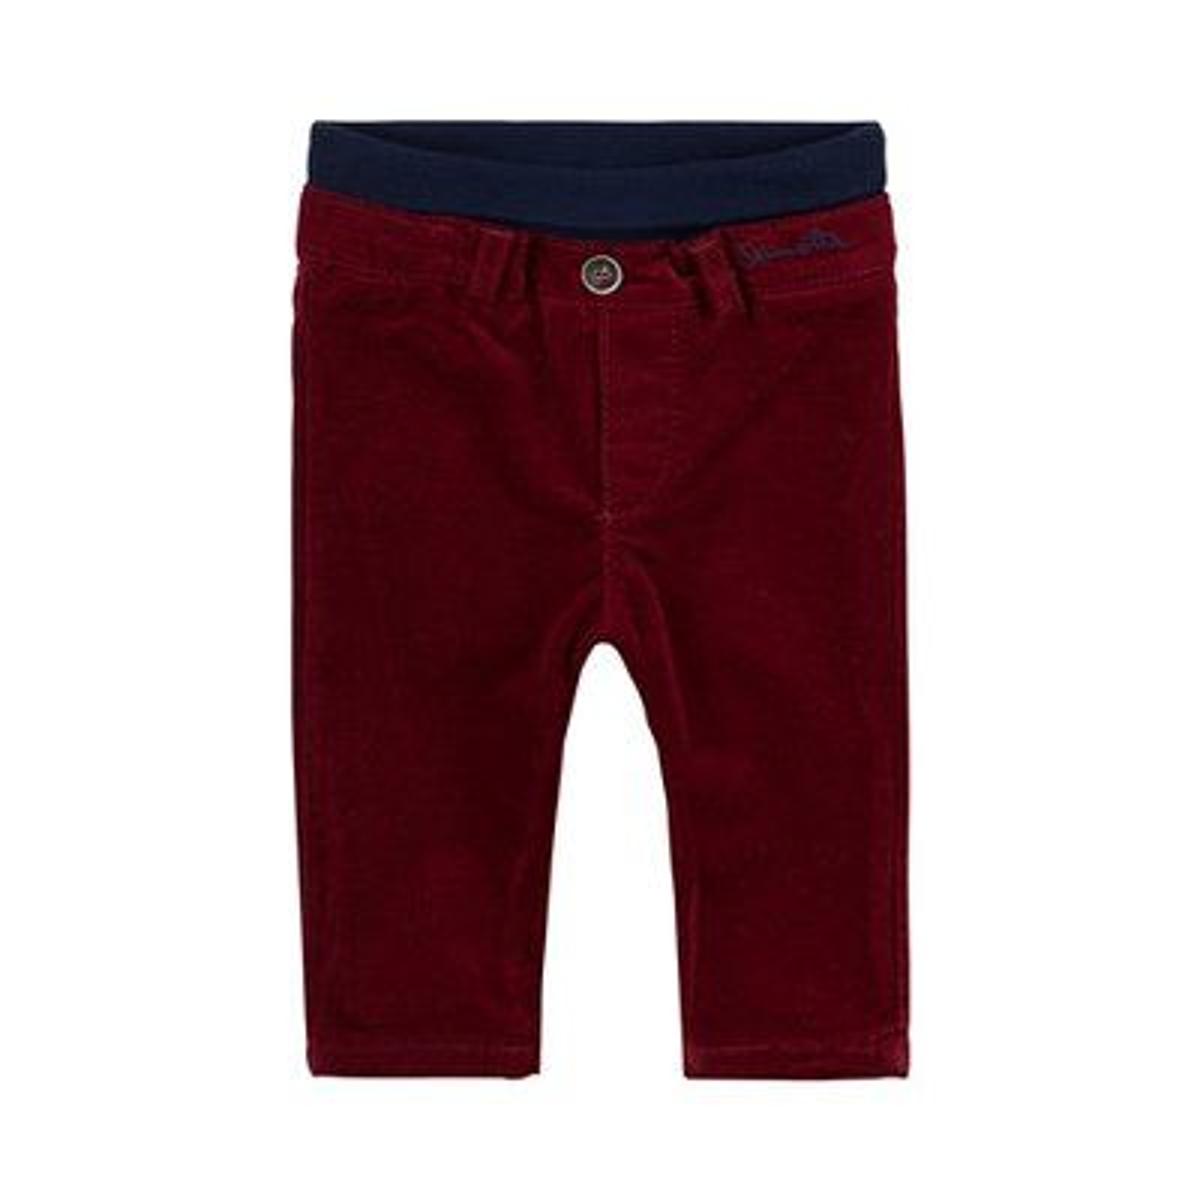 SANETTA Le pantalon en velours côtelé pantalon bébé